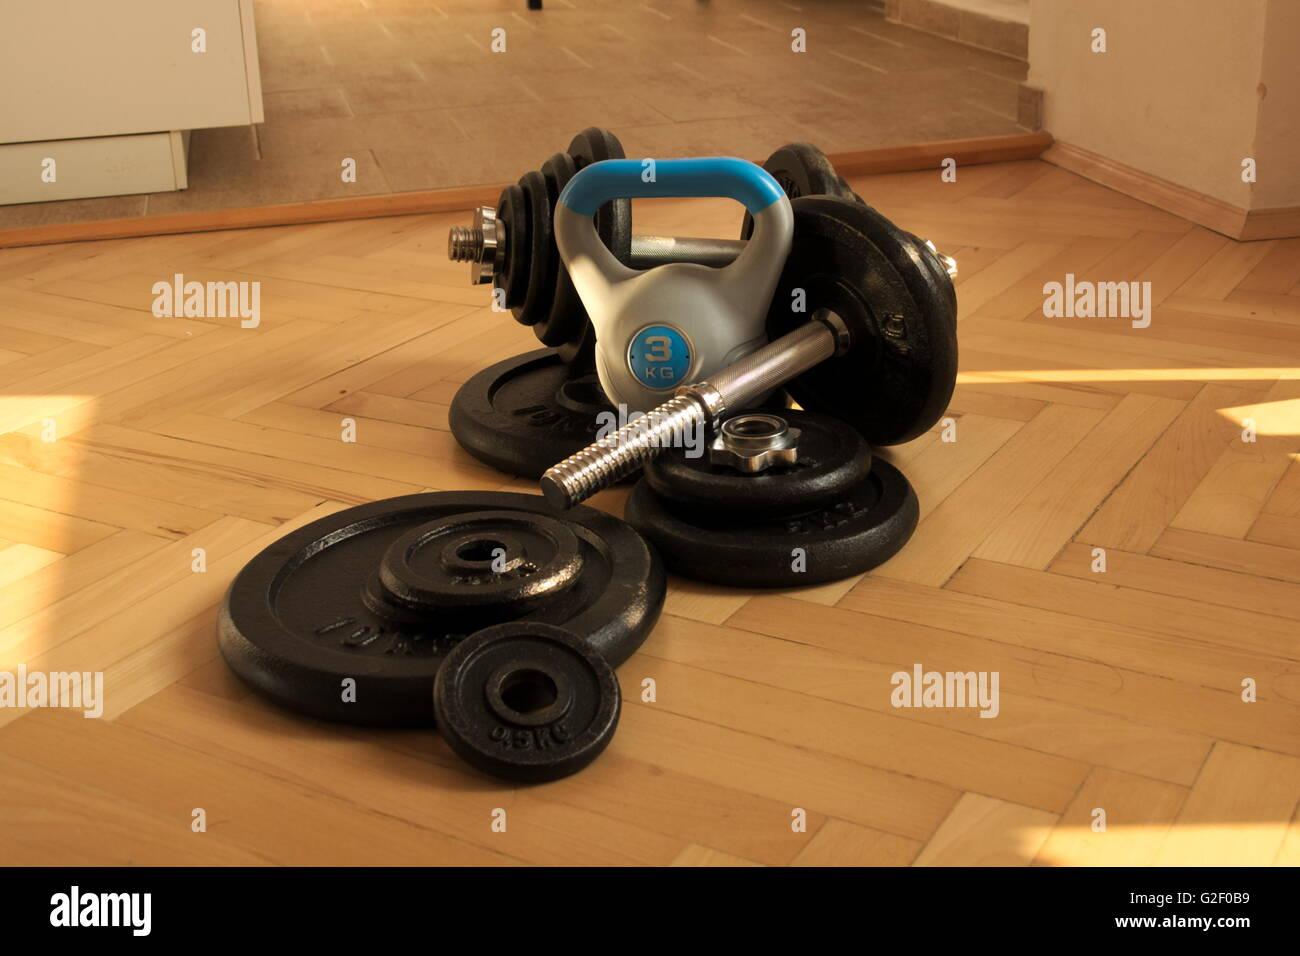 Utensili per la casa bodybuilding e fitness bollitore bell Immagini Stock